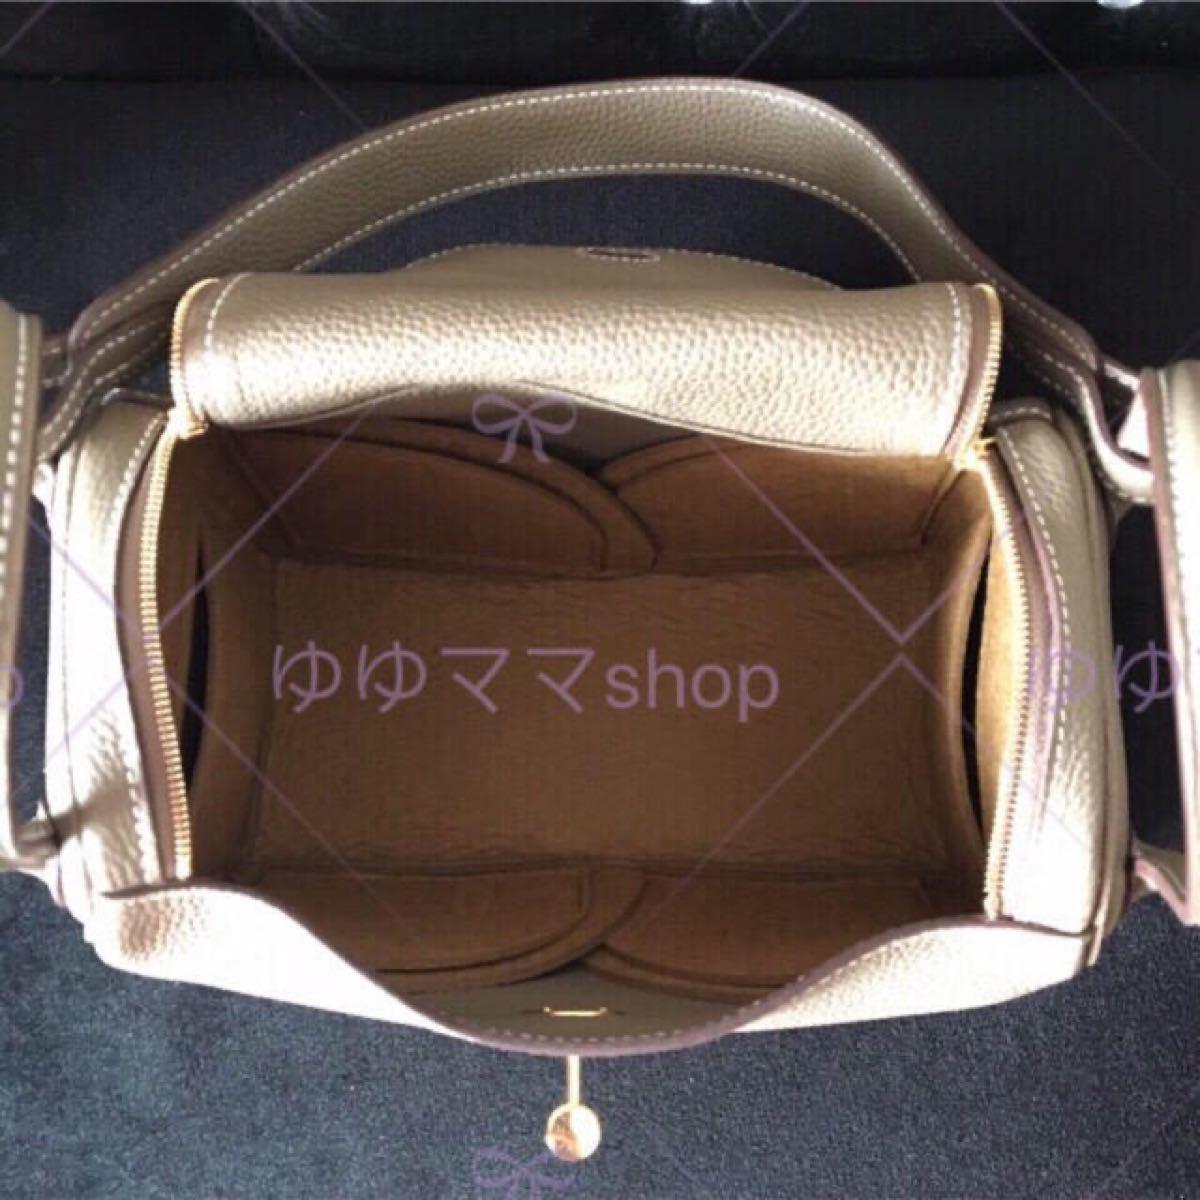 新品バッグインバッグ インナーバッグ キャメル色 リンディ26cm用